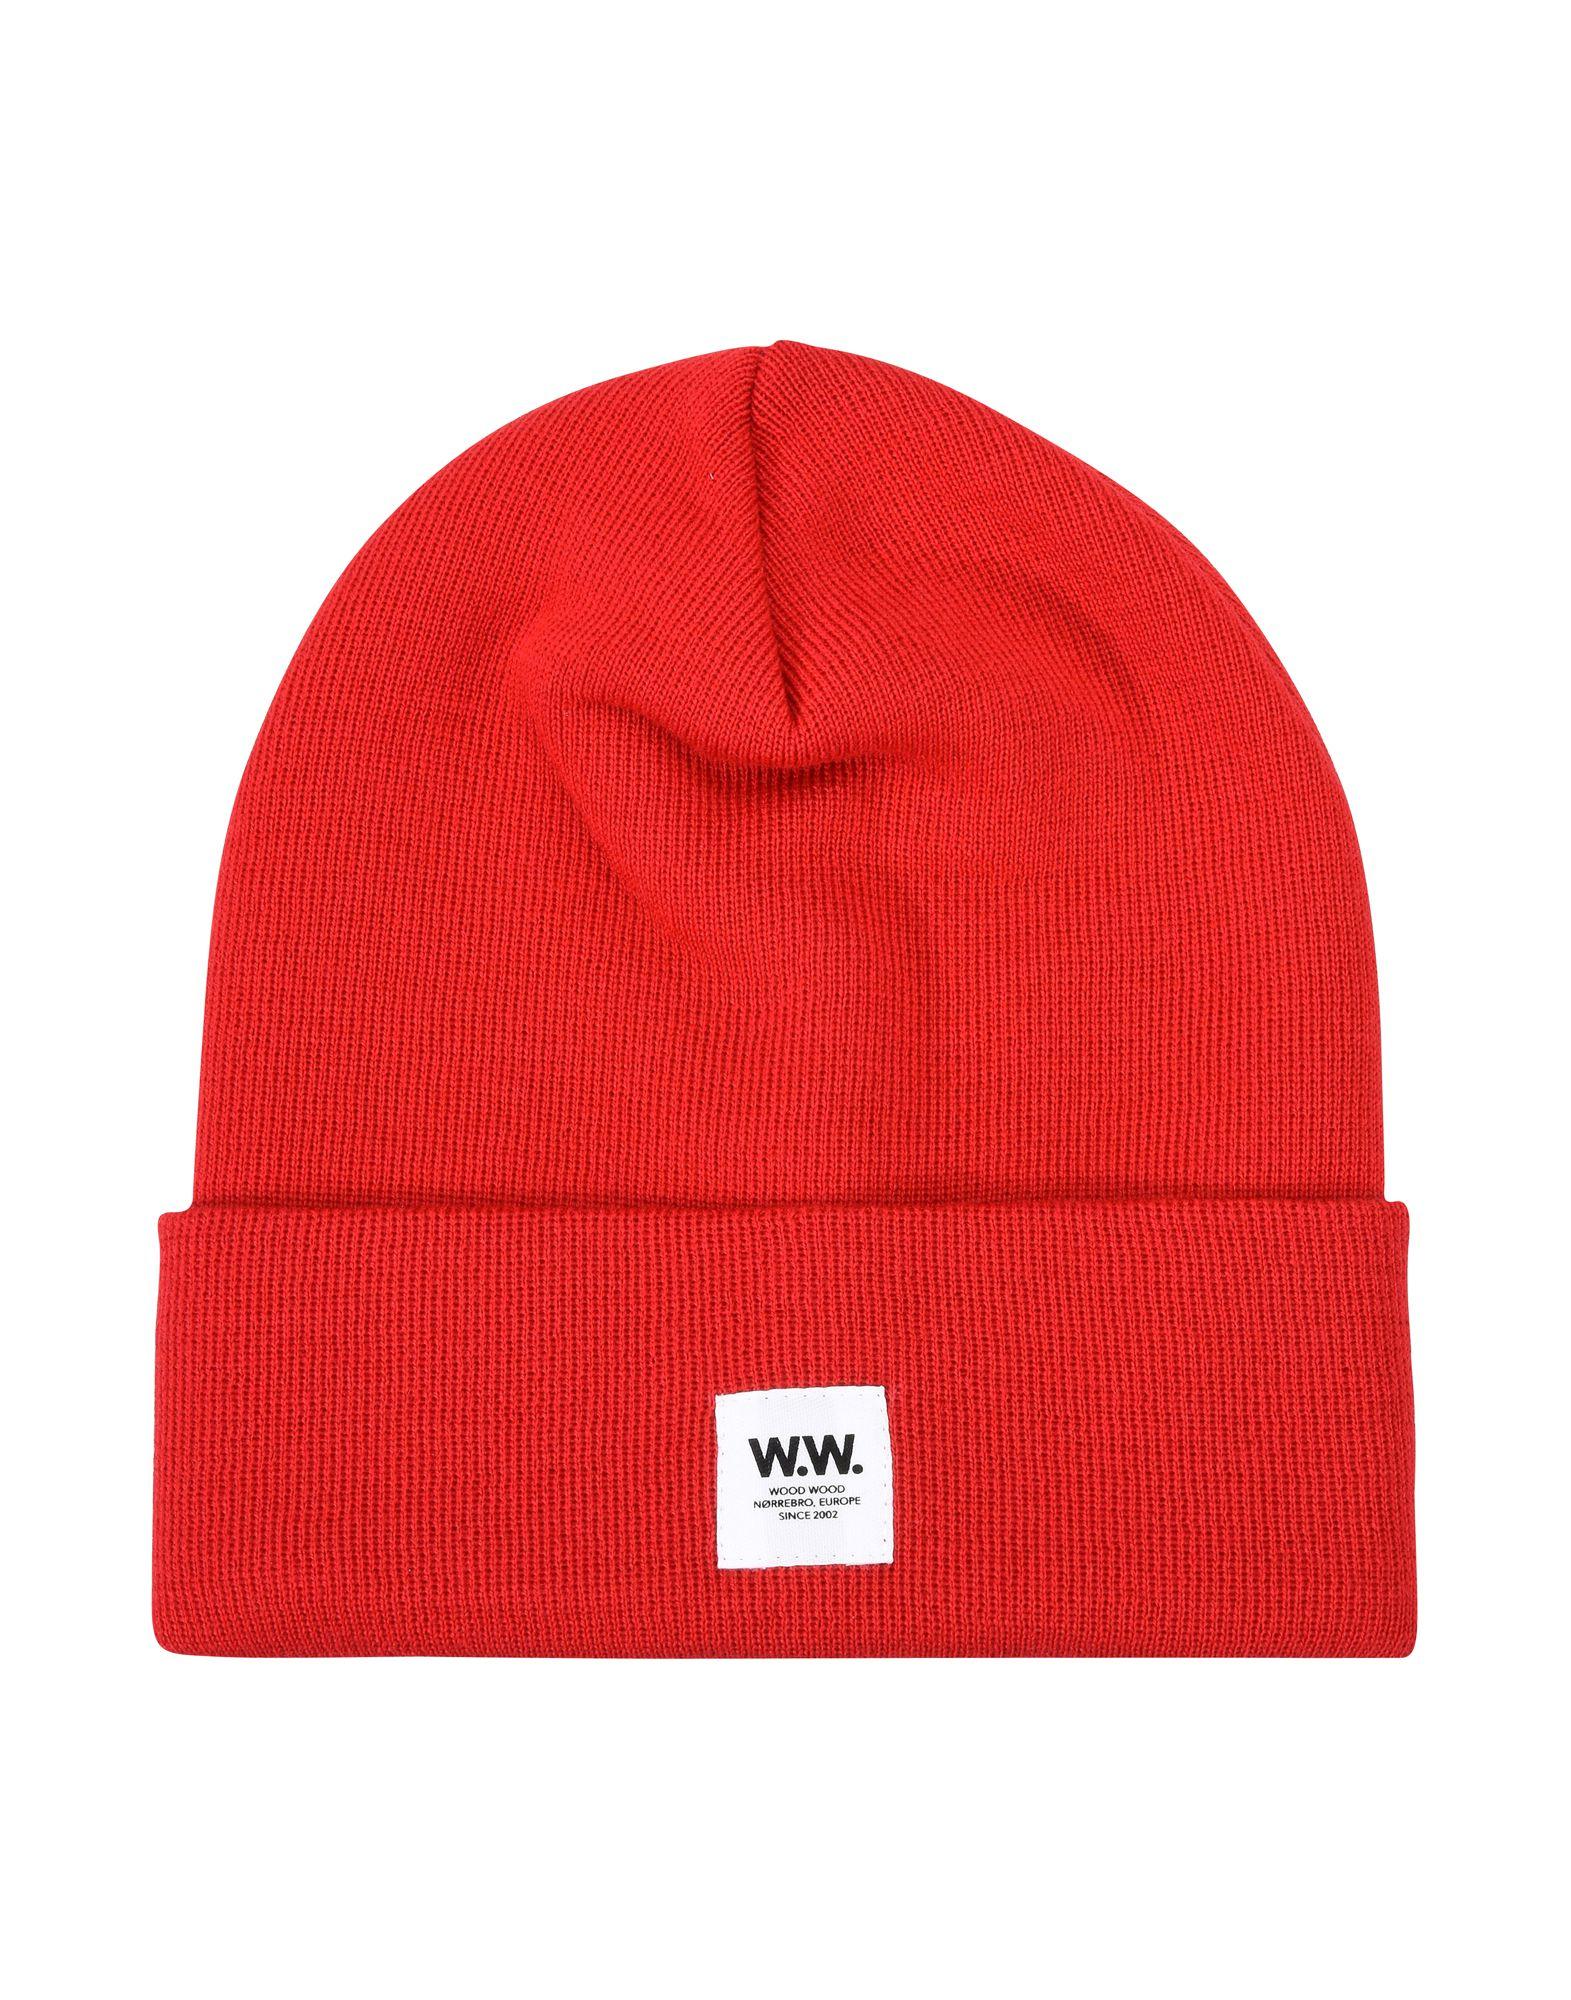 《送料無料》WOOD WOOD メンズ 帽子 レッド ウール 100%